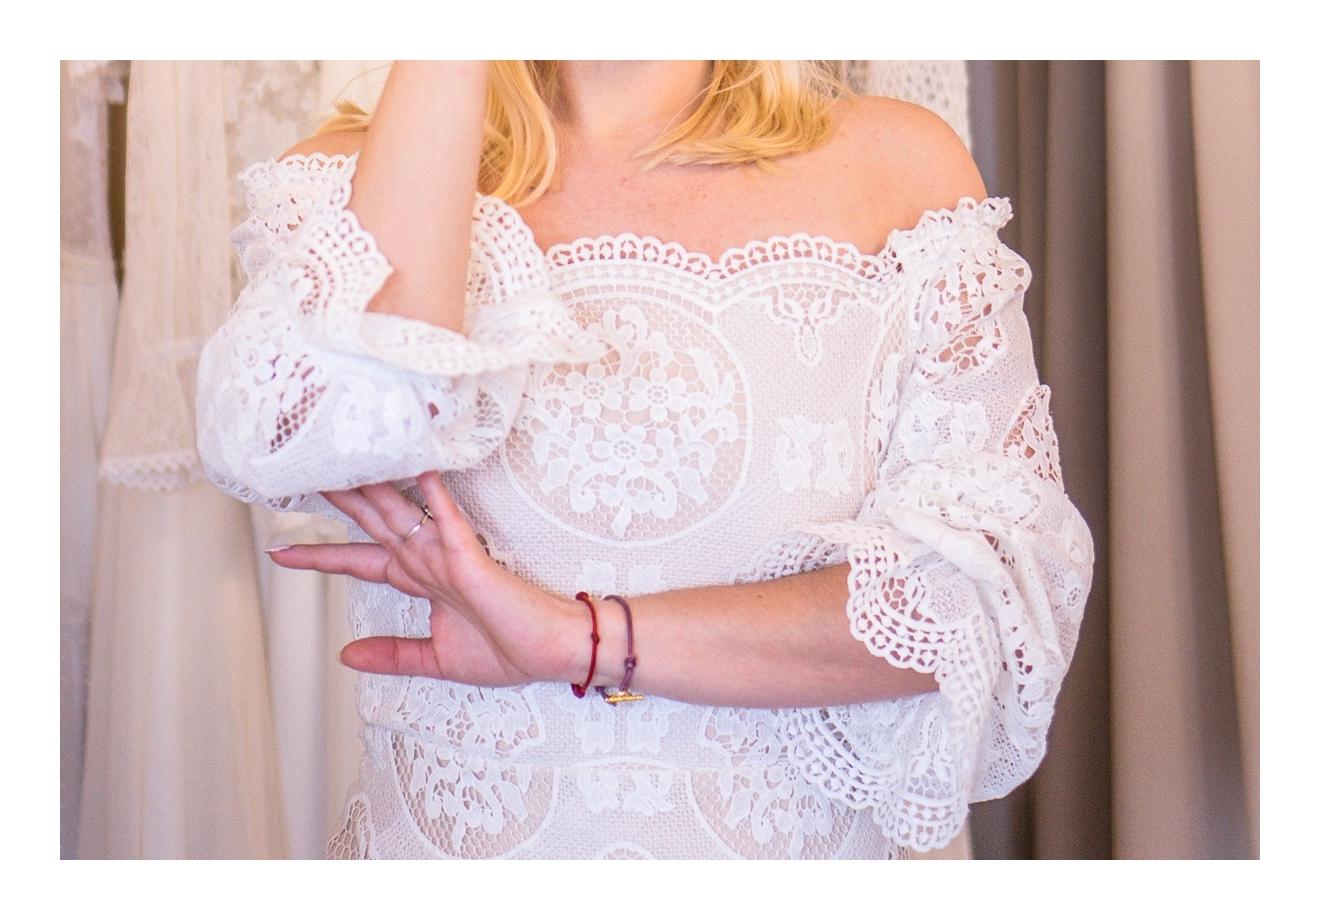 7 sukienka ślubna hiszpanka suknia do dużego biustu do 3 tysięcy do połowy łydki z trenem z koronki z jedwabiu do urzędu do kościoła na lato